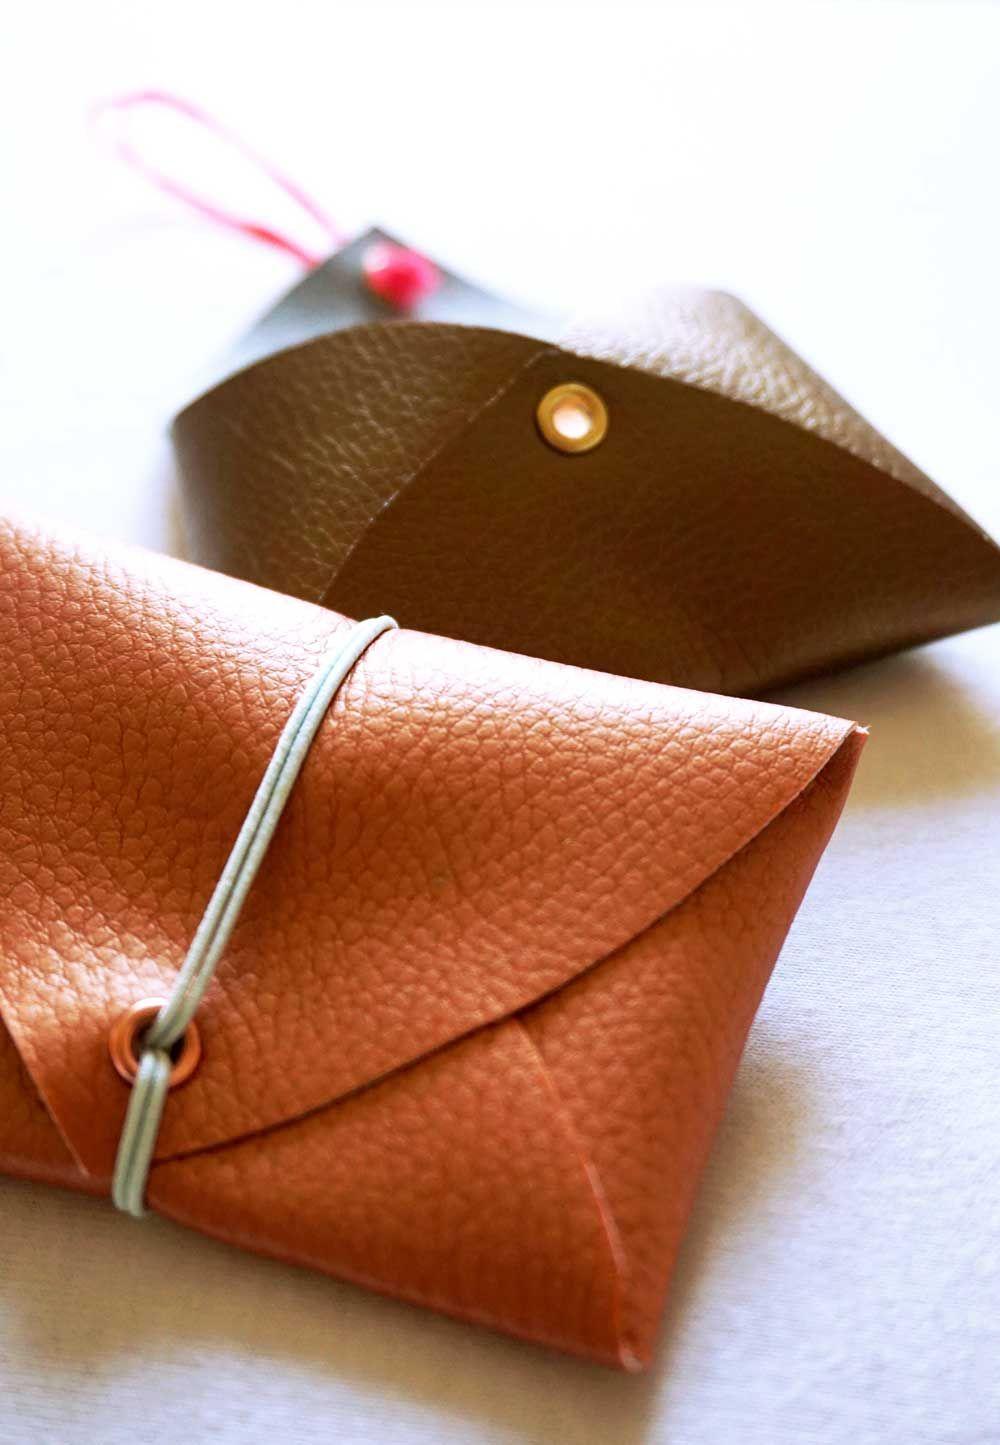 5-Minuten-DIY: Geldbeutel ohne Nähen selbermachen | Diy anleitungen ...